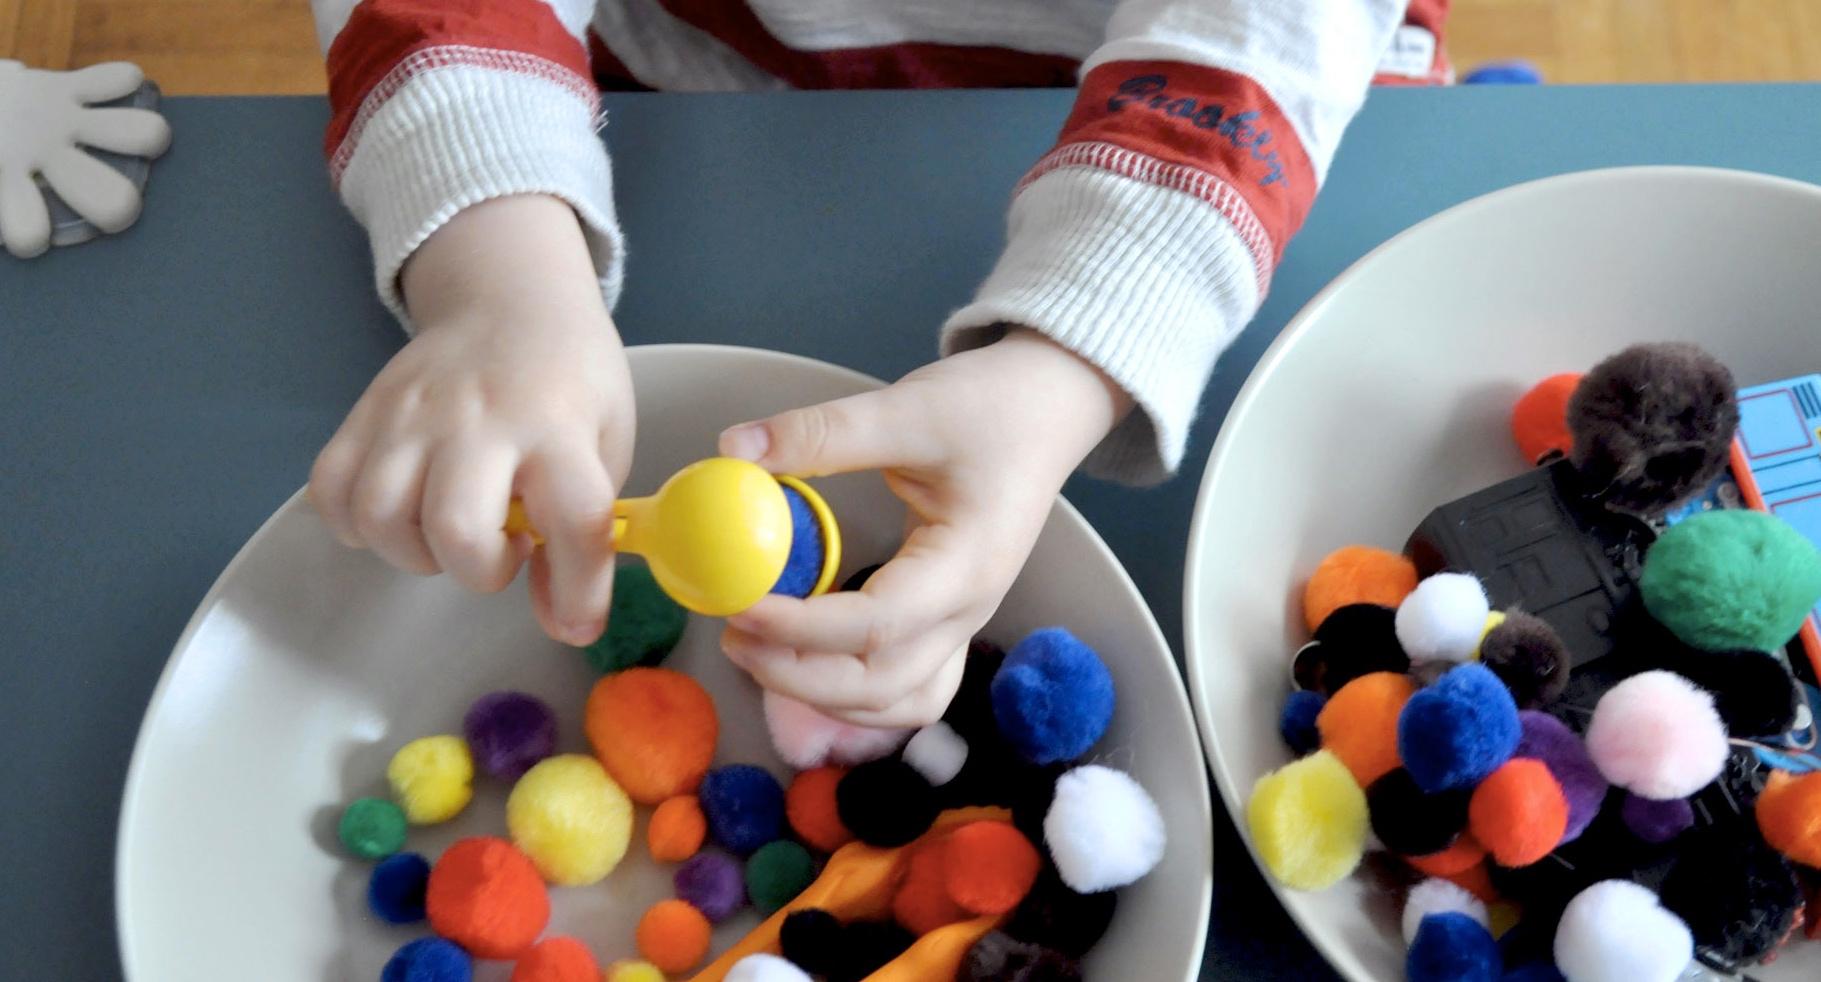 Nos Activités Préférées D'inspiration Montessori Pour Les 2 destiné Activité Manuelle Enfant 4 Ans